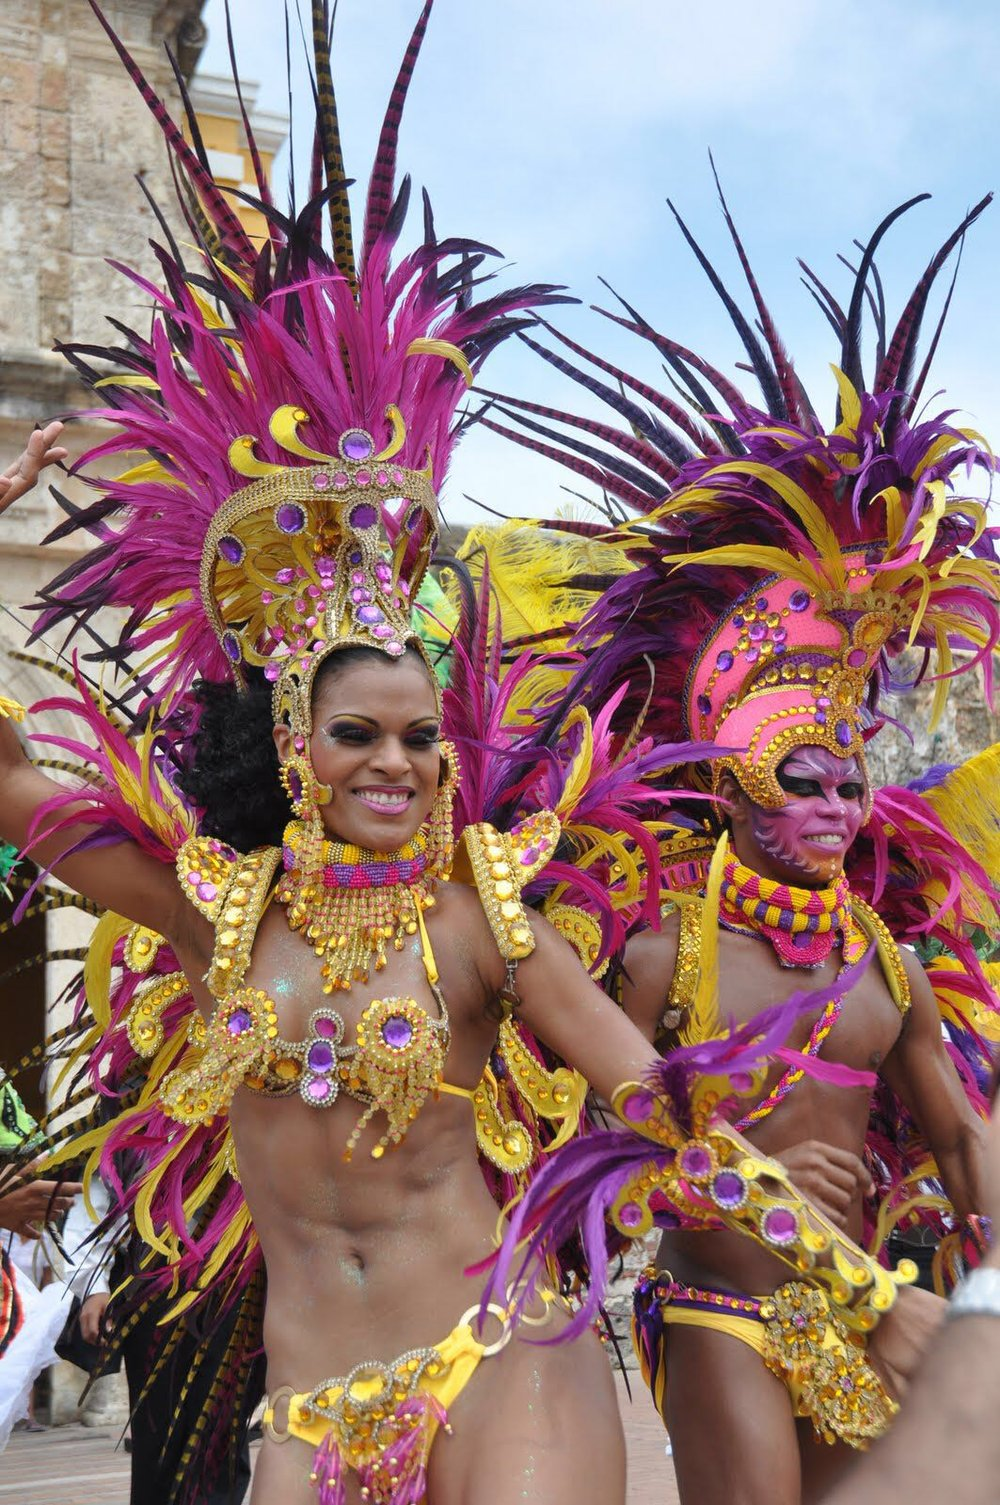 哥伦比亚狂欢节(作者摄)